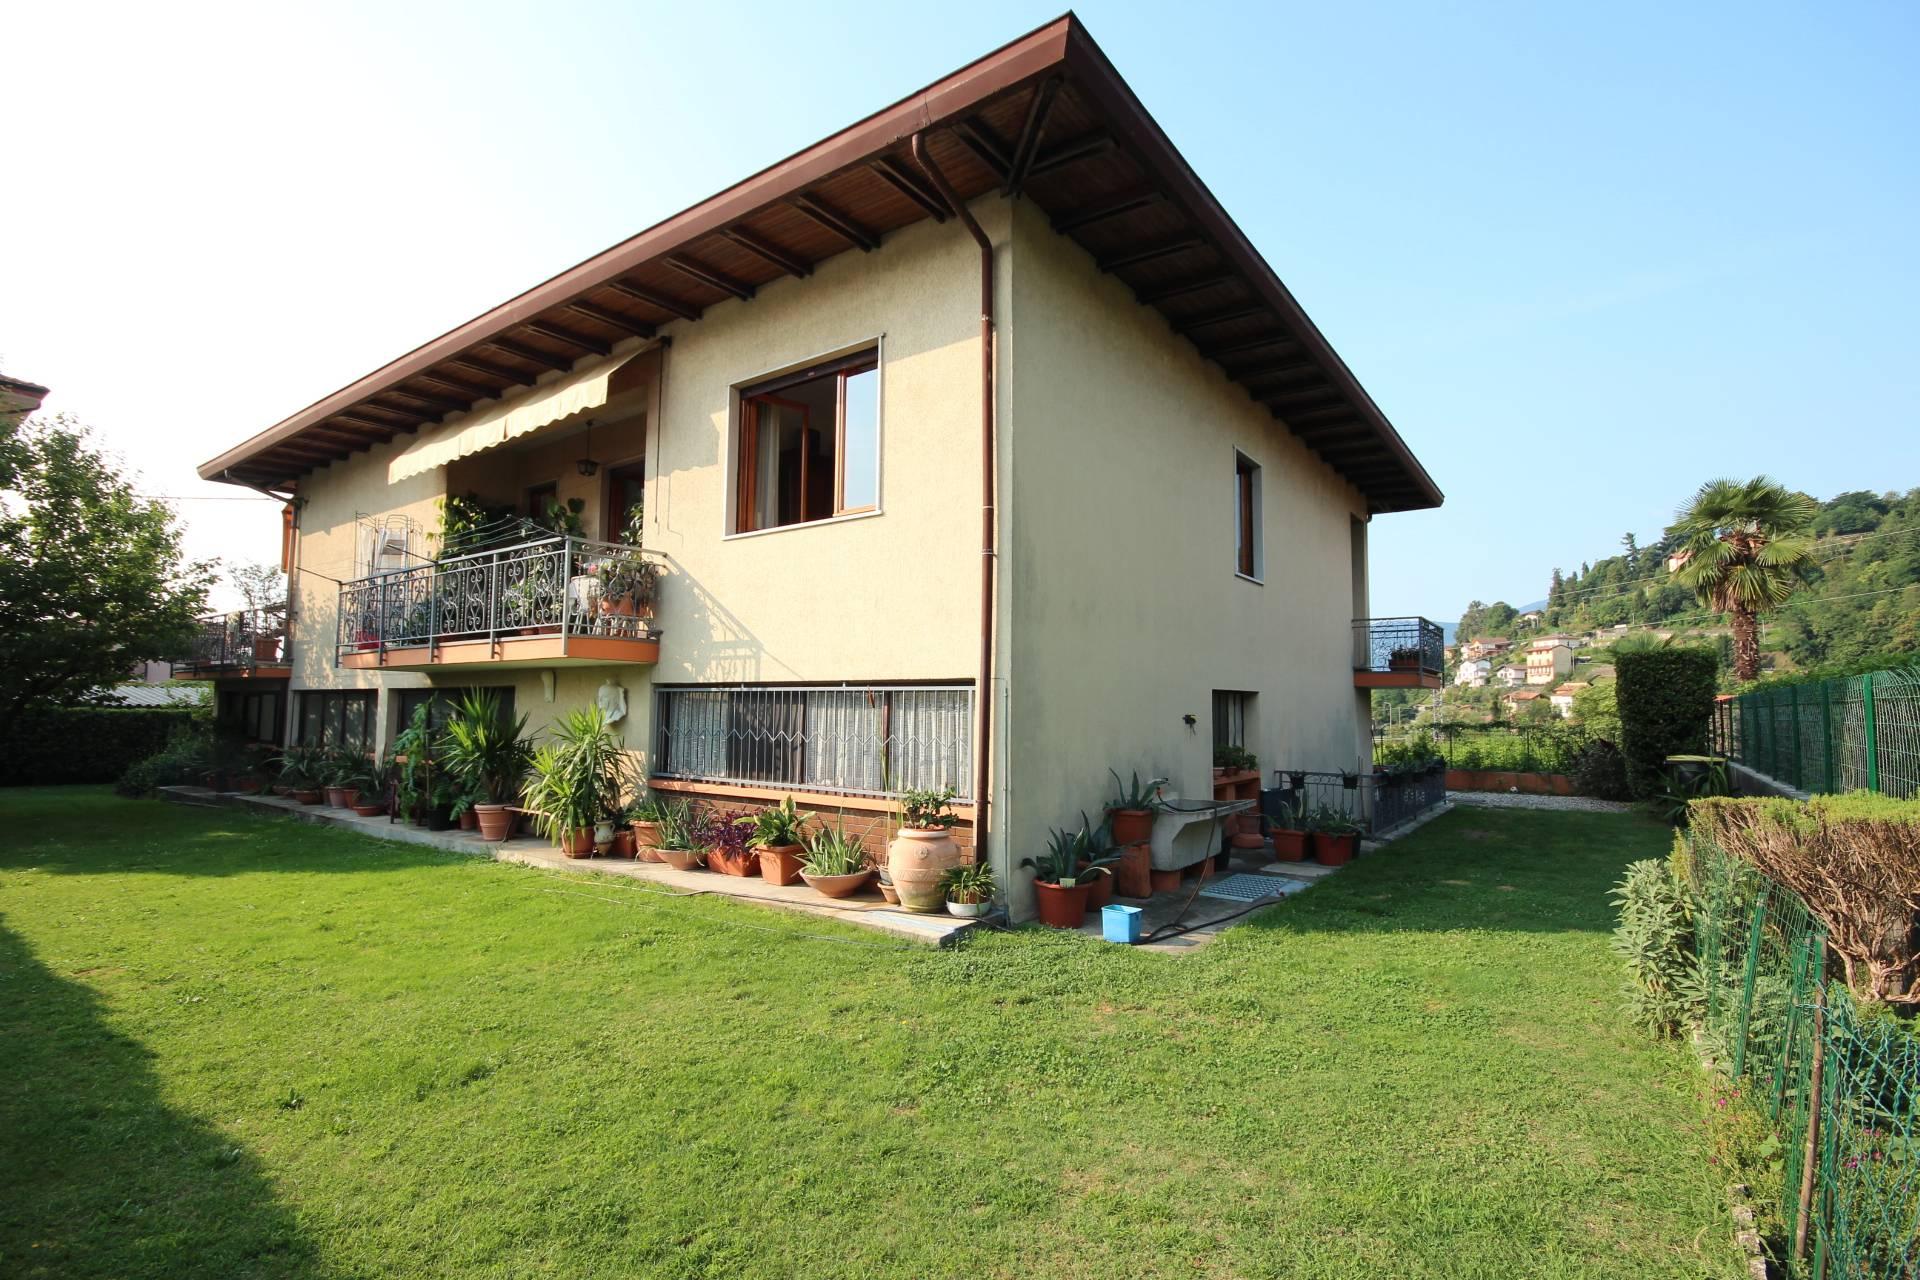 Soluzione Indipendente in vendita a Verbania, 7 locali, zona Località: Intracentro, prezzo € 550.000 | CambioCasa.it